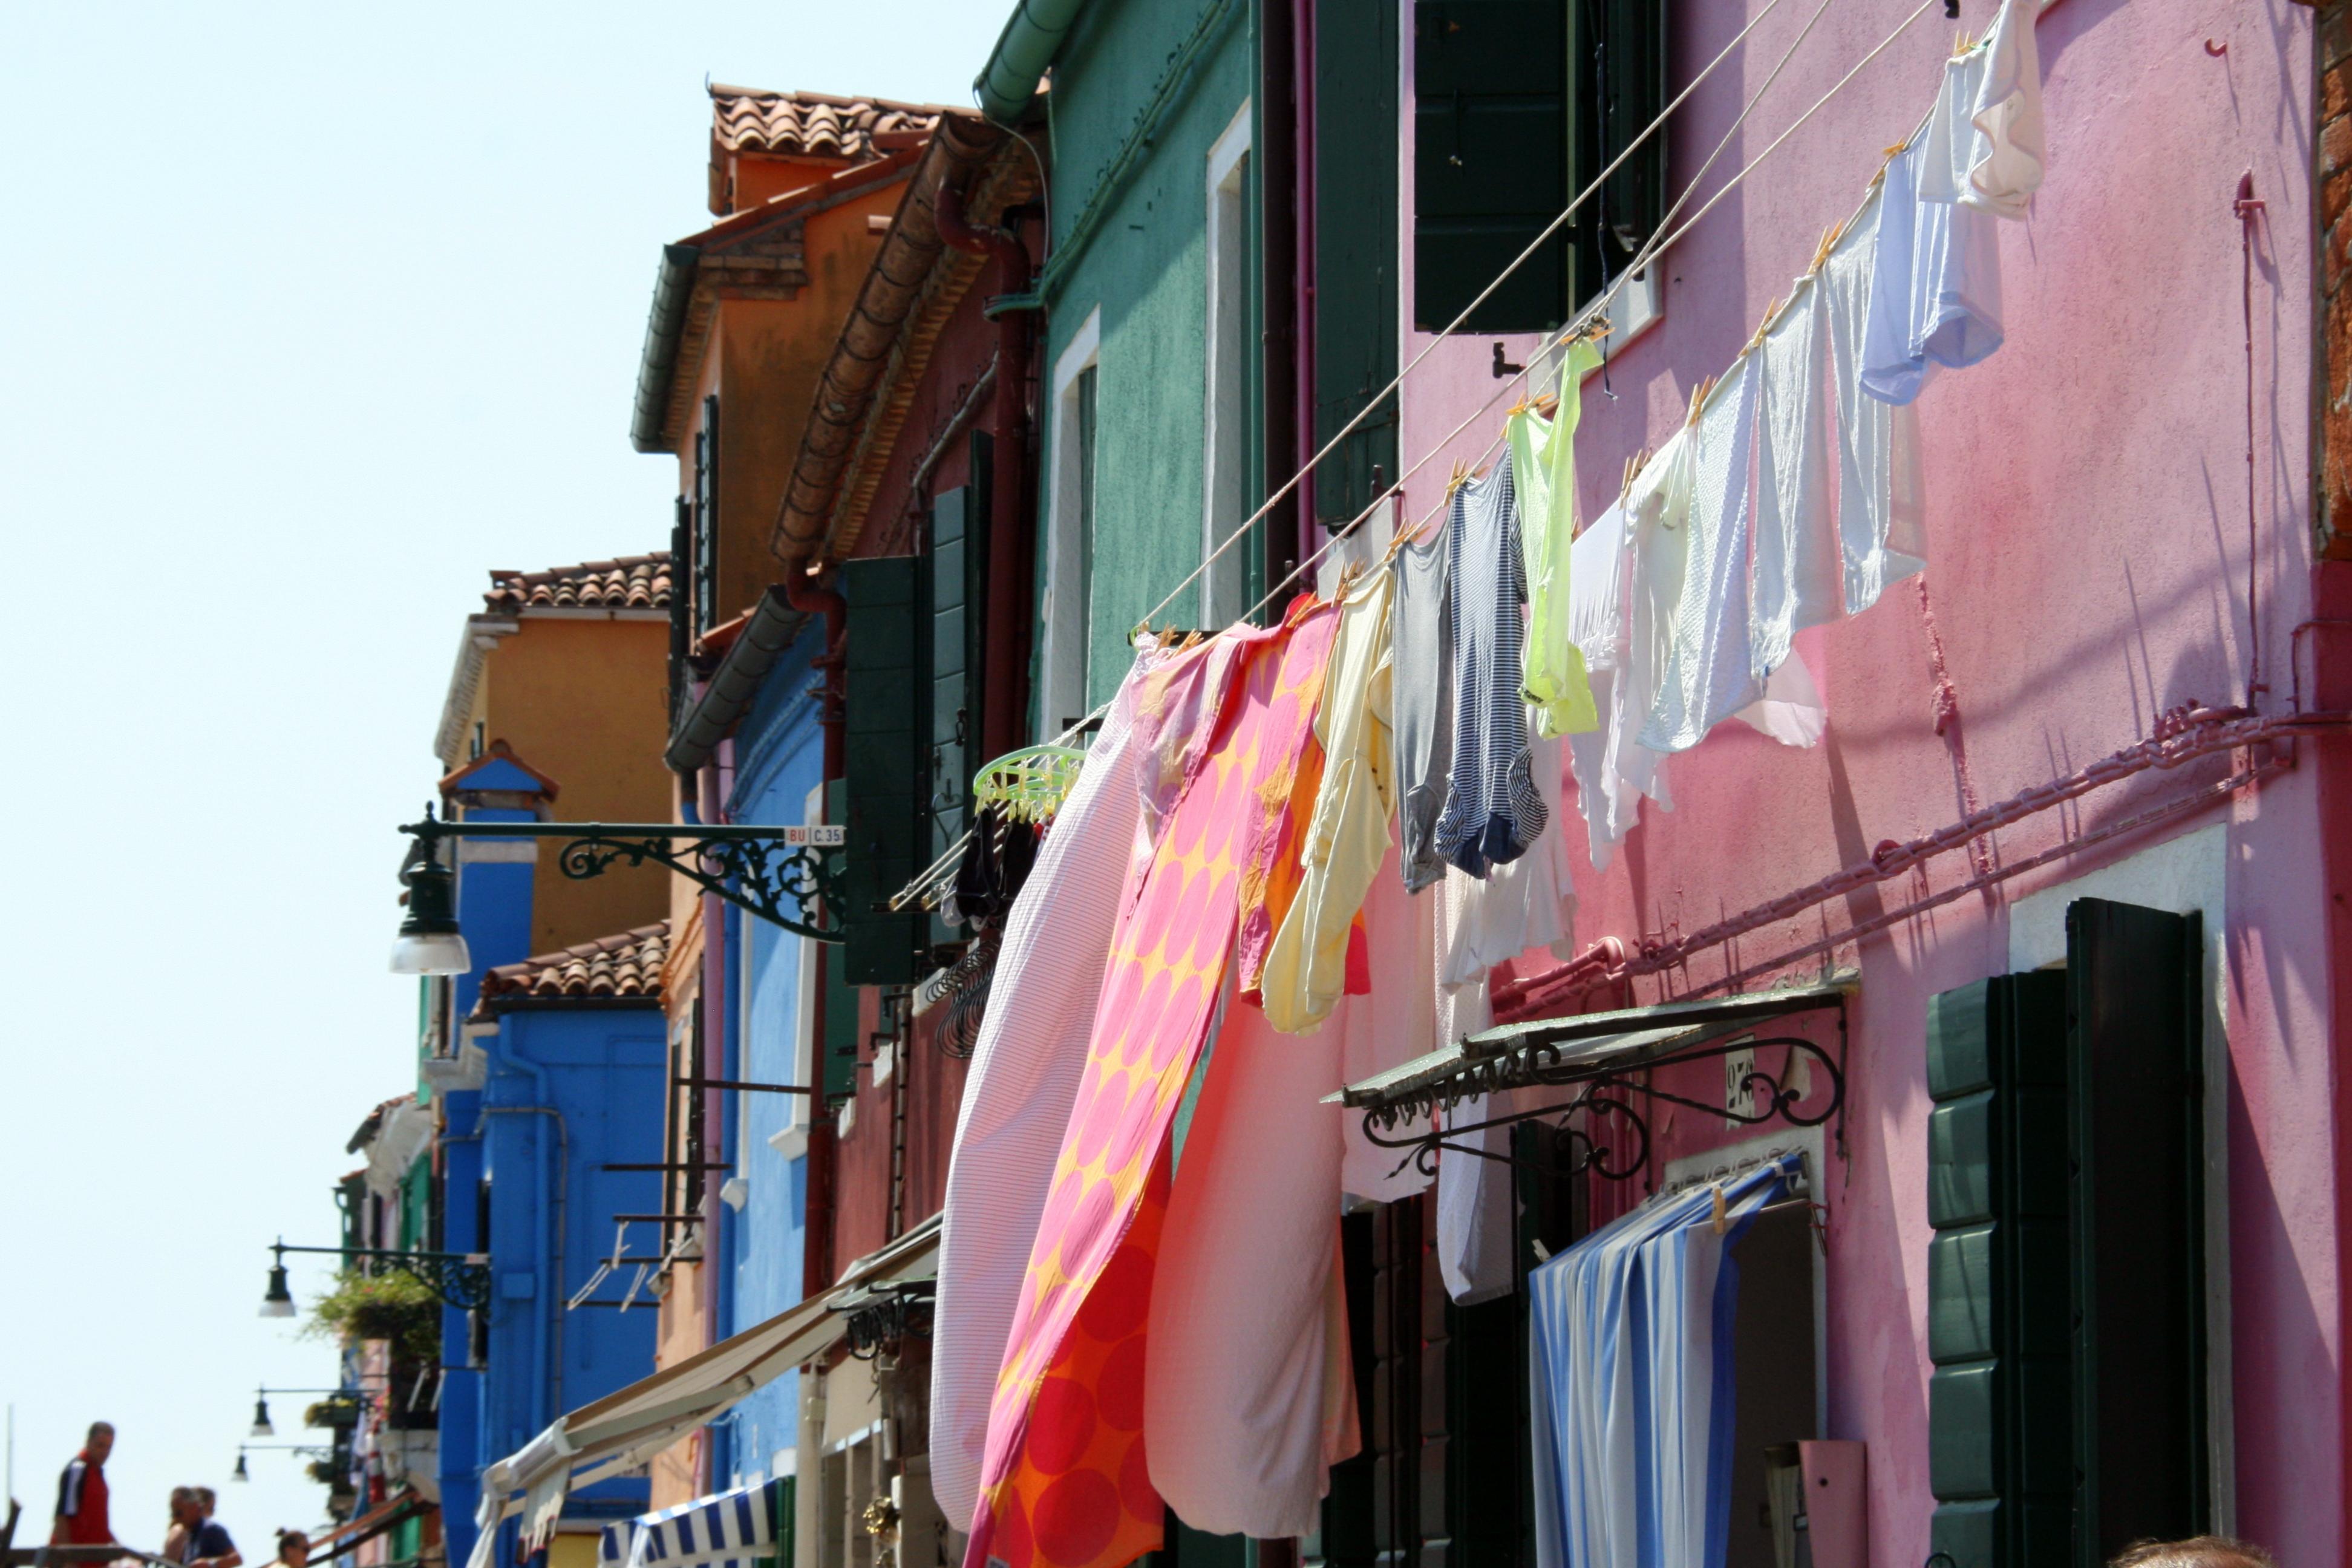 venezia 2 parte (5)